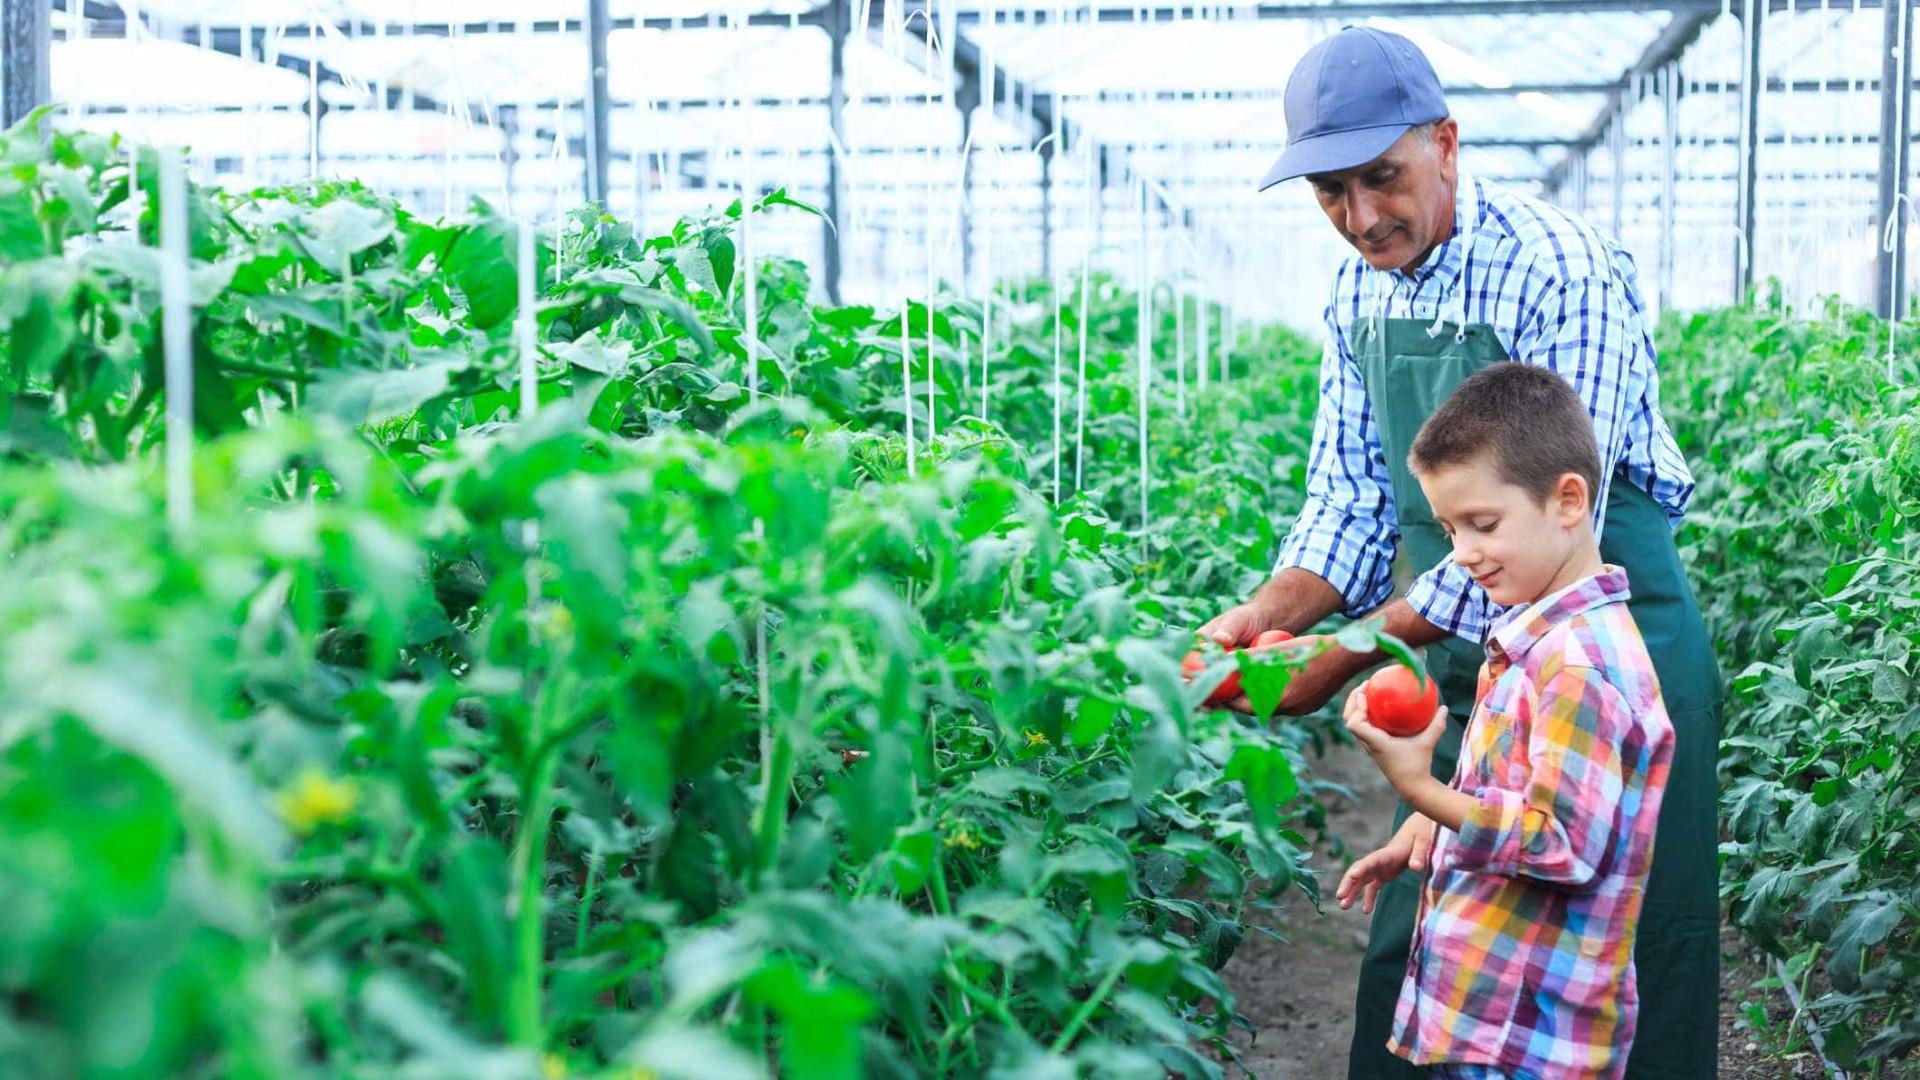 Mais de 4 mil crianças contactaram hoje com atividades agrícolas